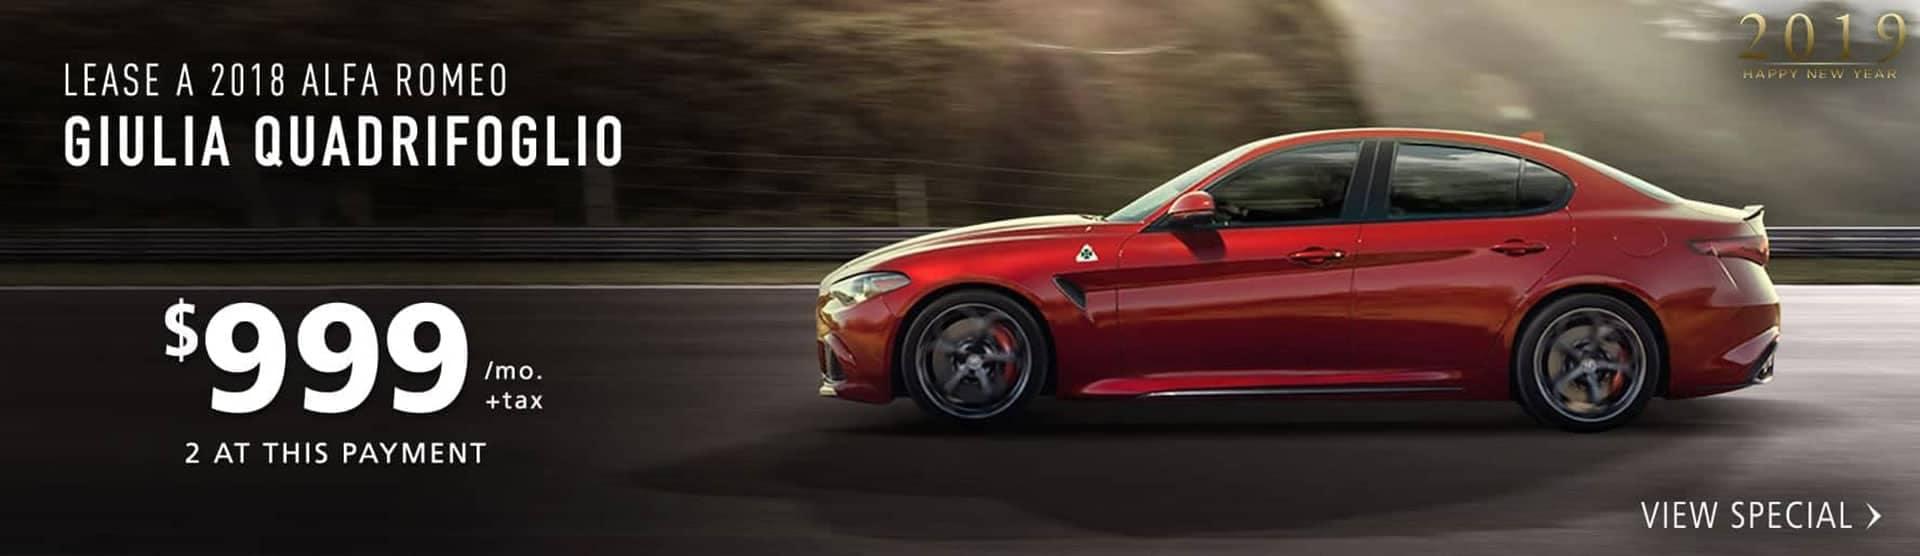 Slider-2018-Alfa-Romeo-Giulia-Quadrifoglio